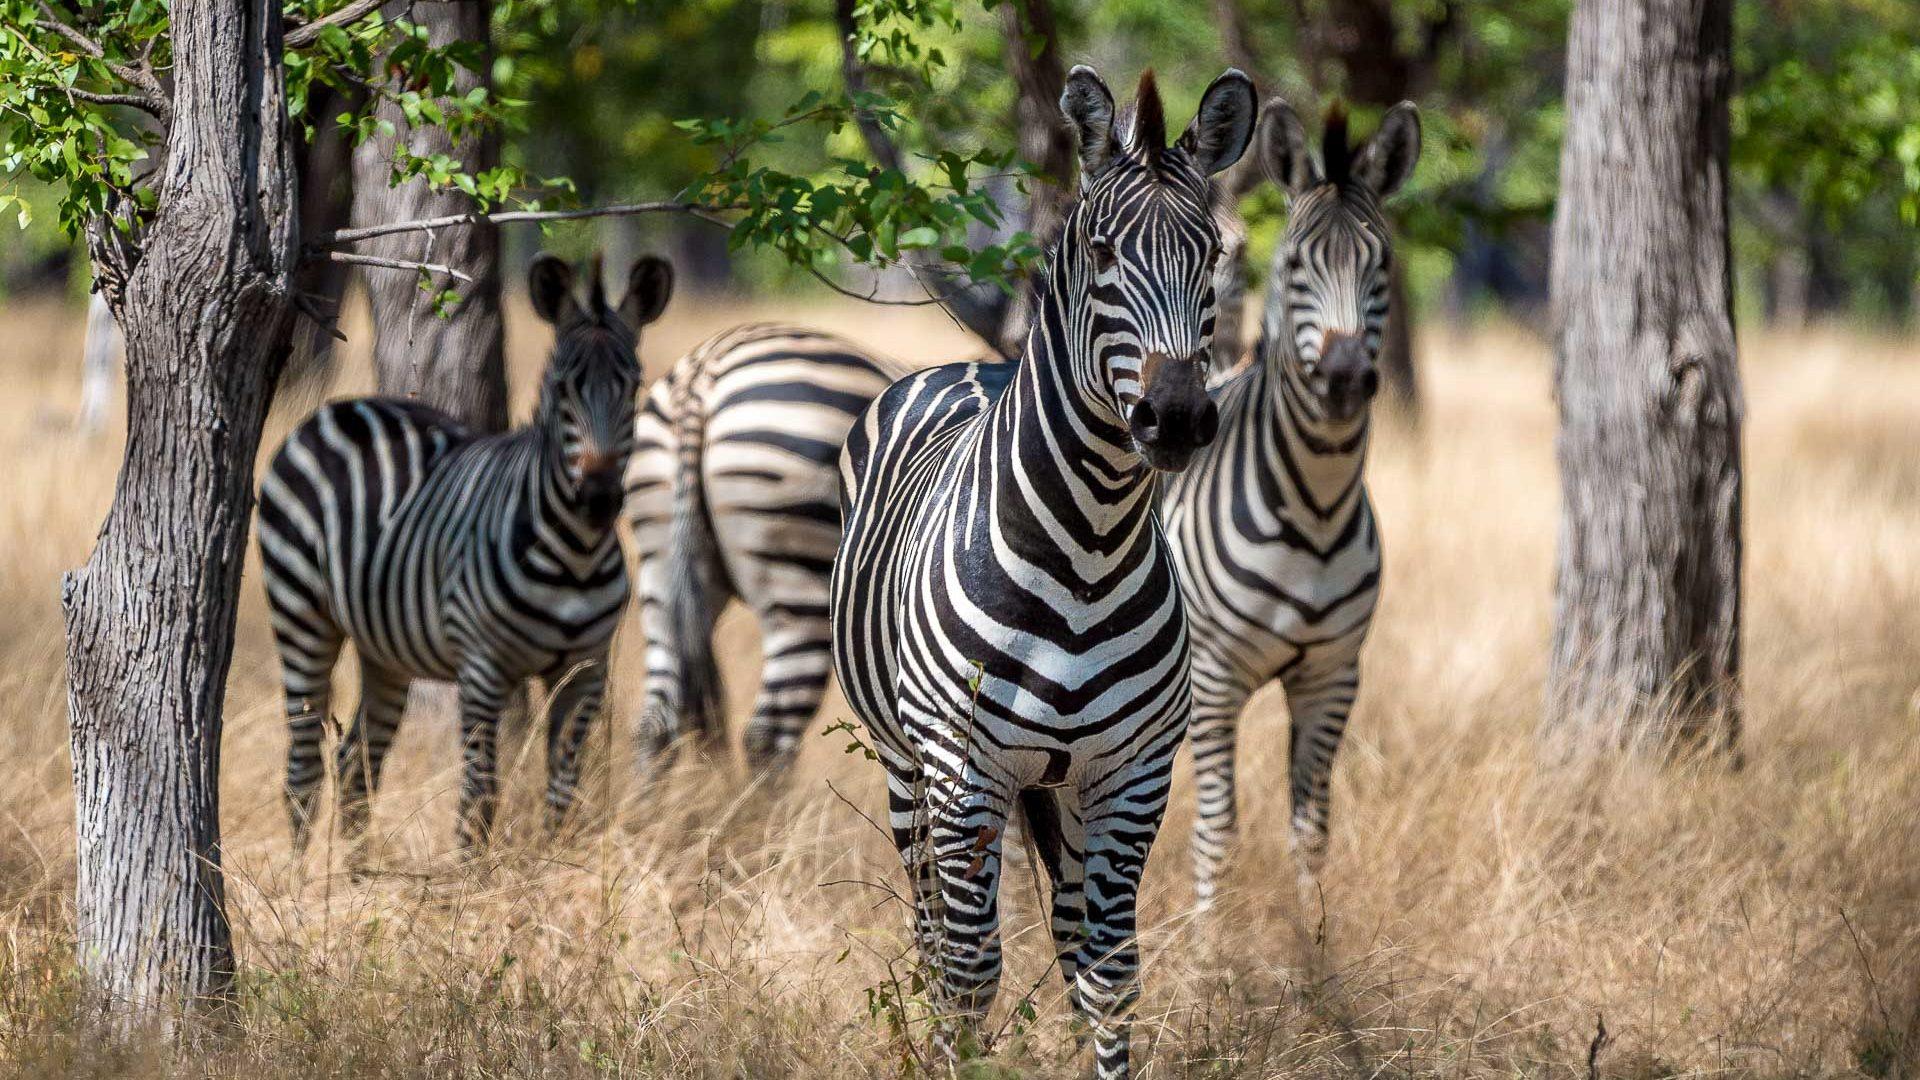 Zebras in Liwonde National Park, Malawi.